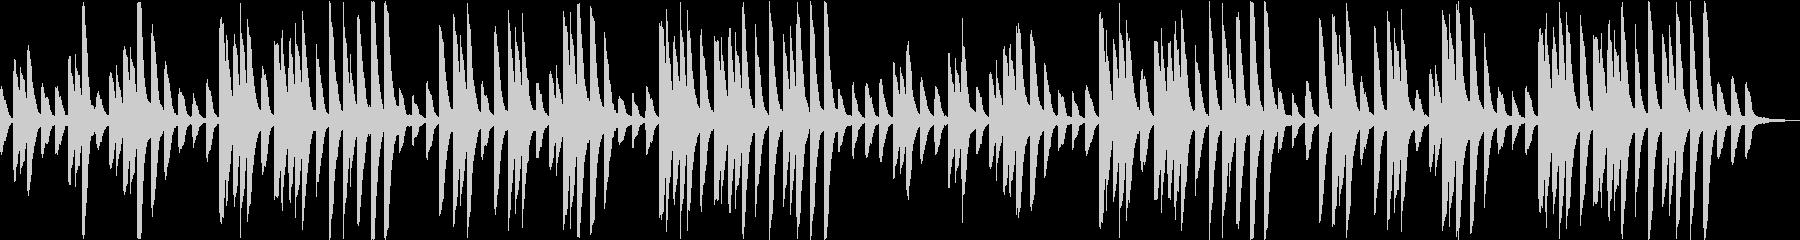 ビブラフォンの旋律が印象的なインストの未再生の波形